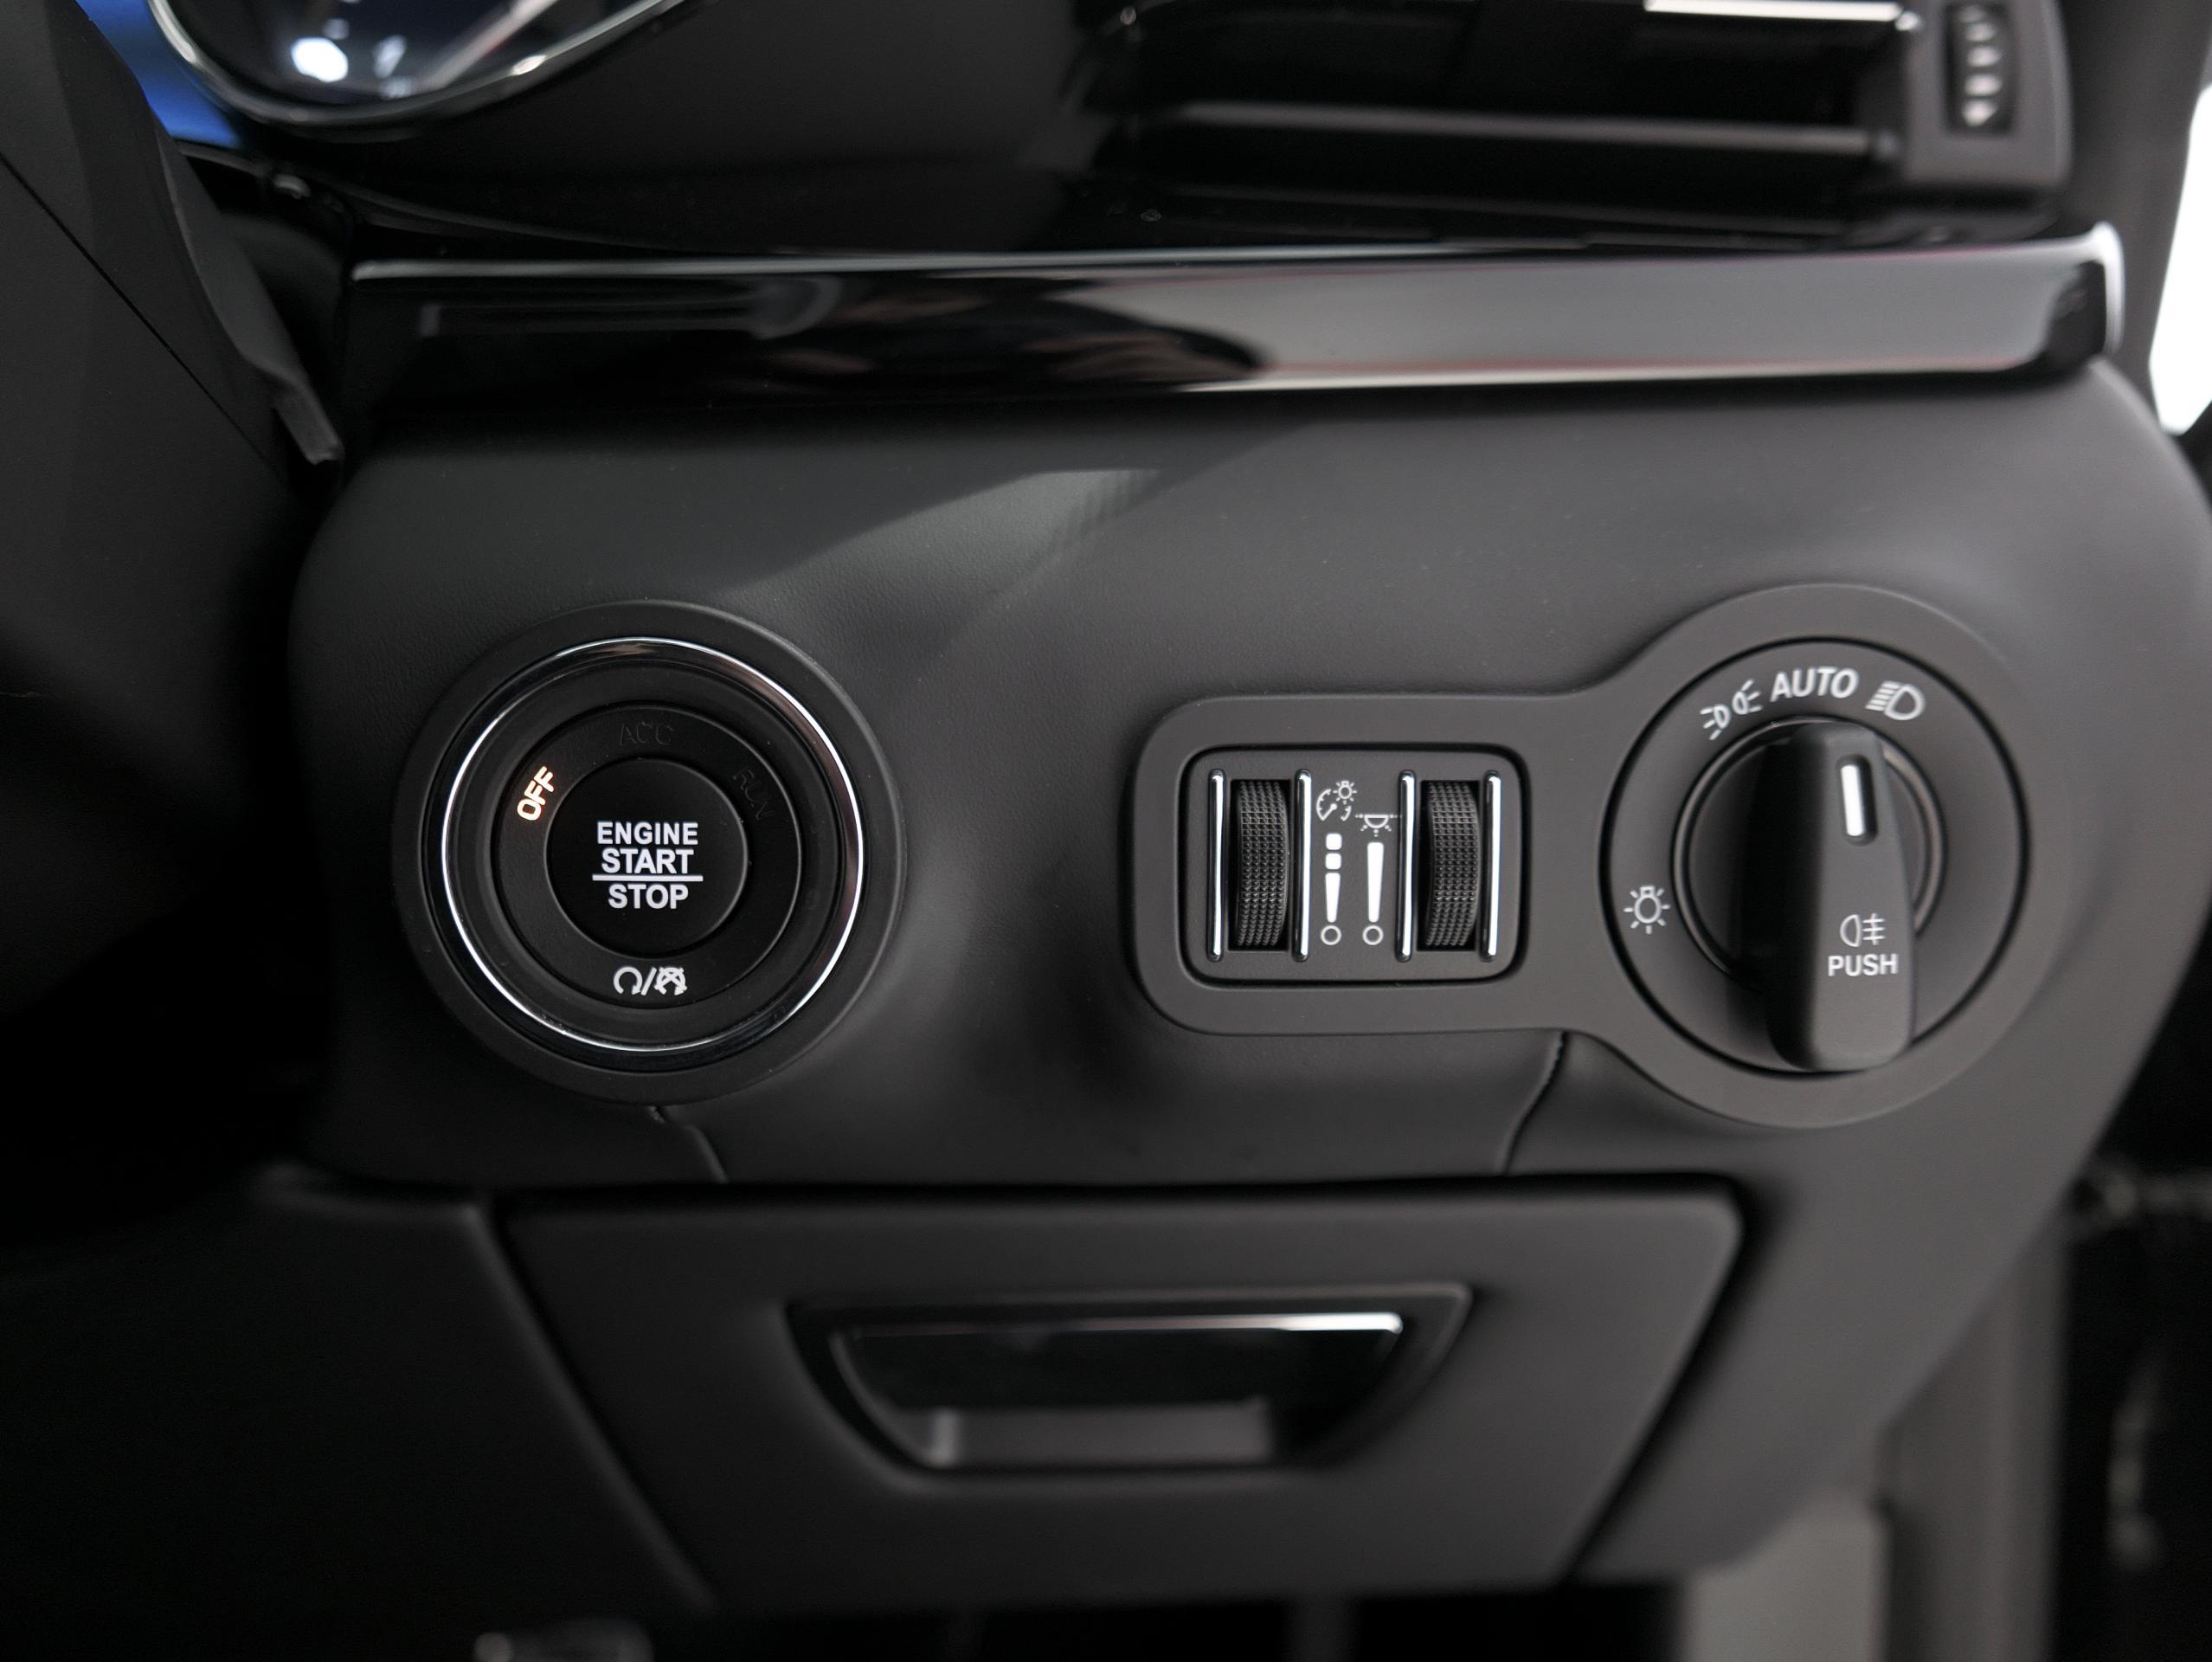 マセラティ クアトロポルテ S グランスポーツ スタートボタン